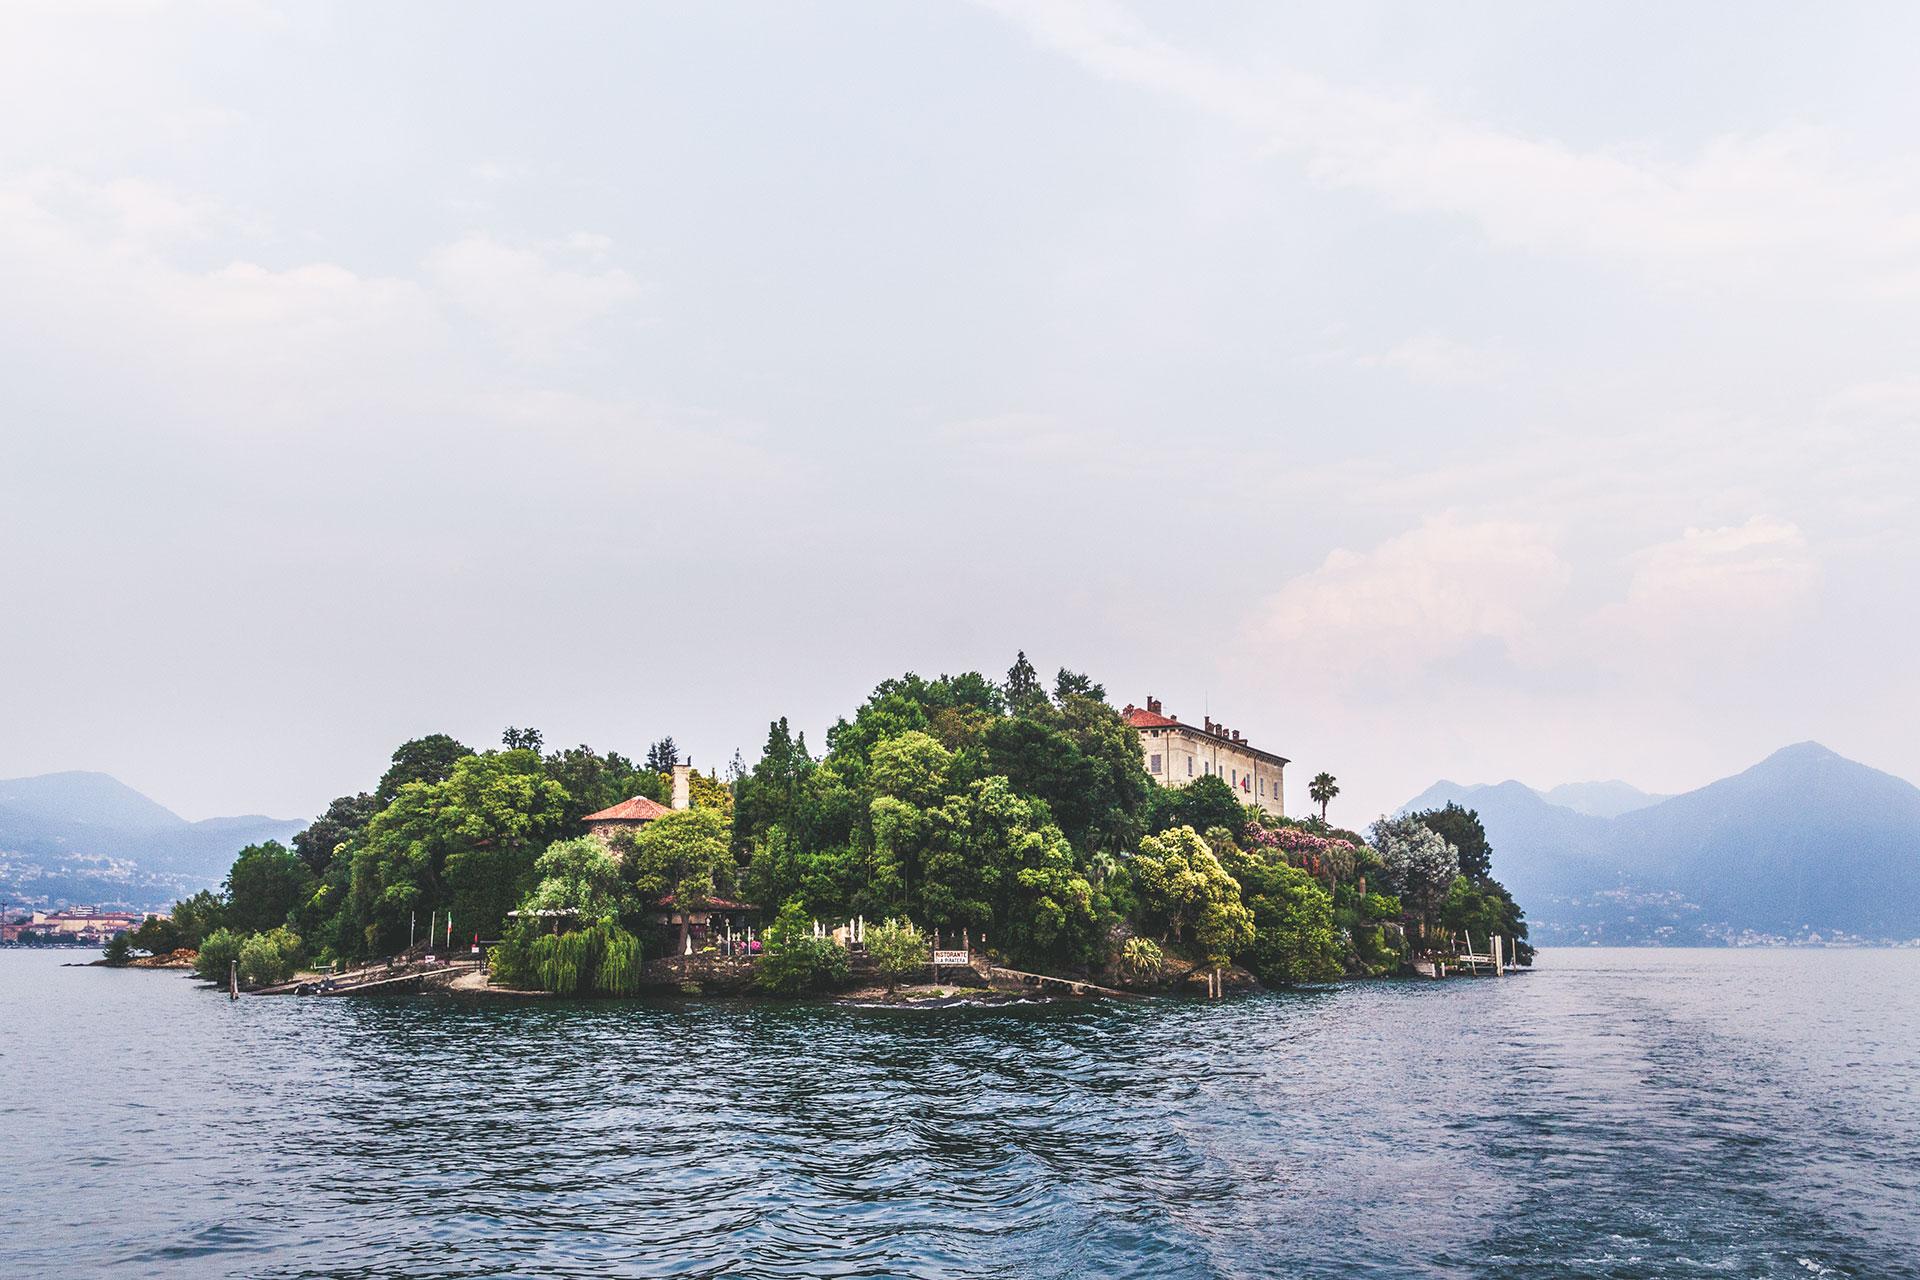 Herrschaftlich, idyllisch, einladend – die Isola Madre vom Wasser aus.